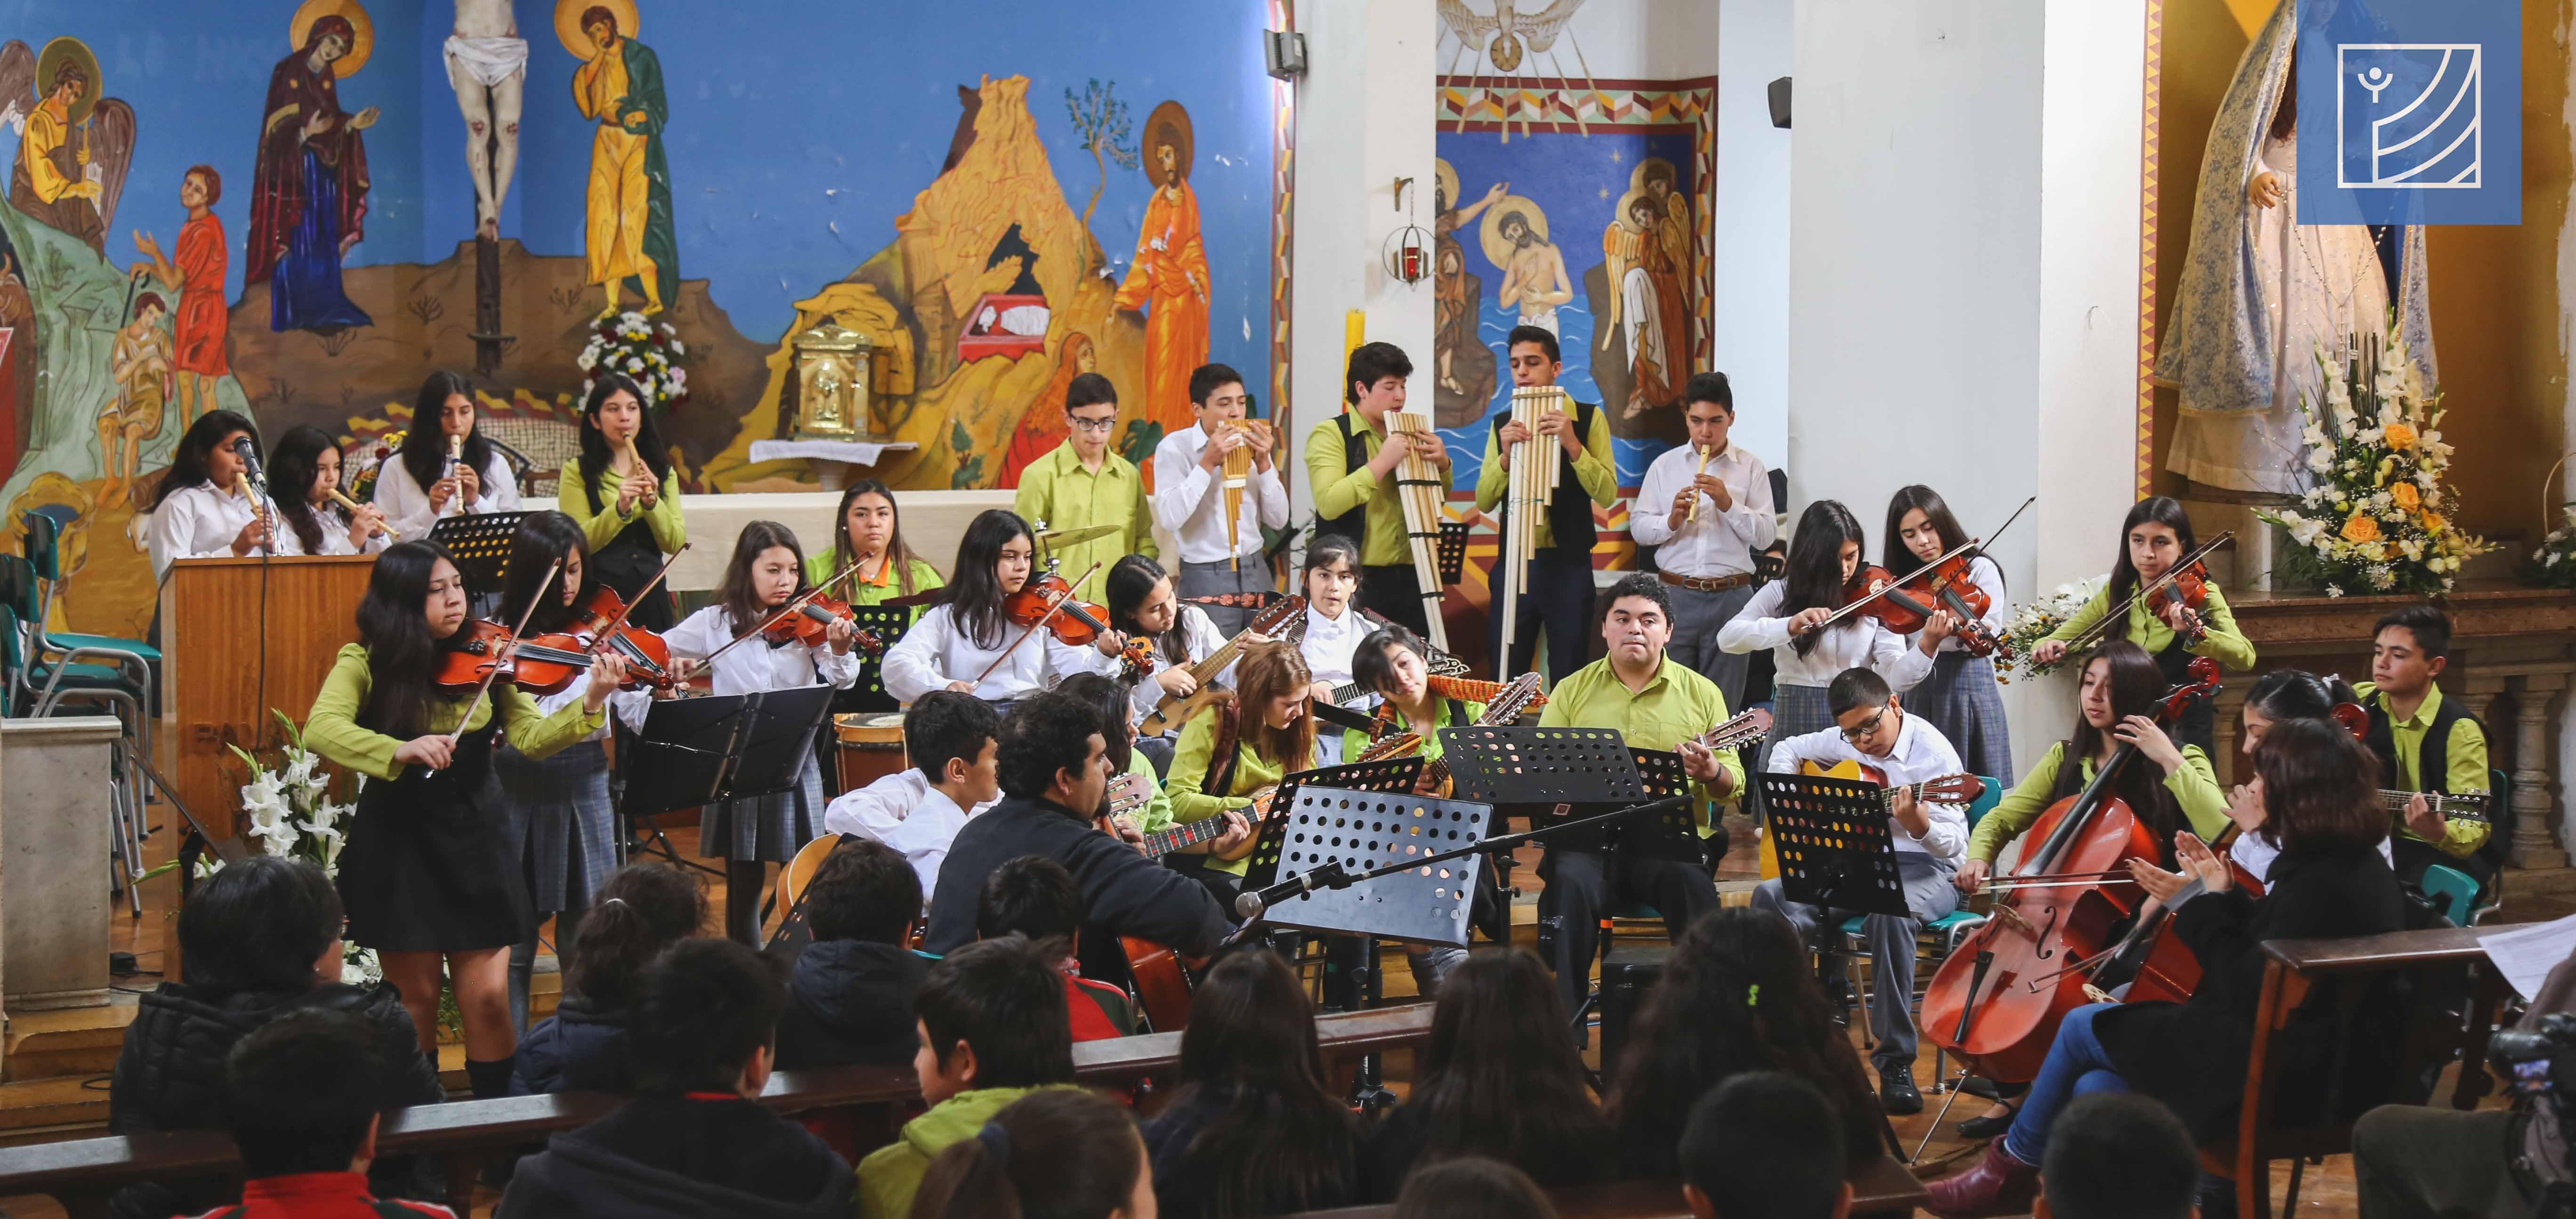 Orquesta fusión de Quilleco participó de Feria de las Artes de Chillán.